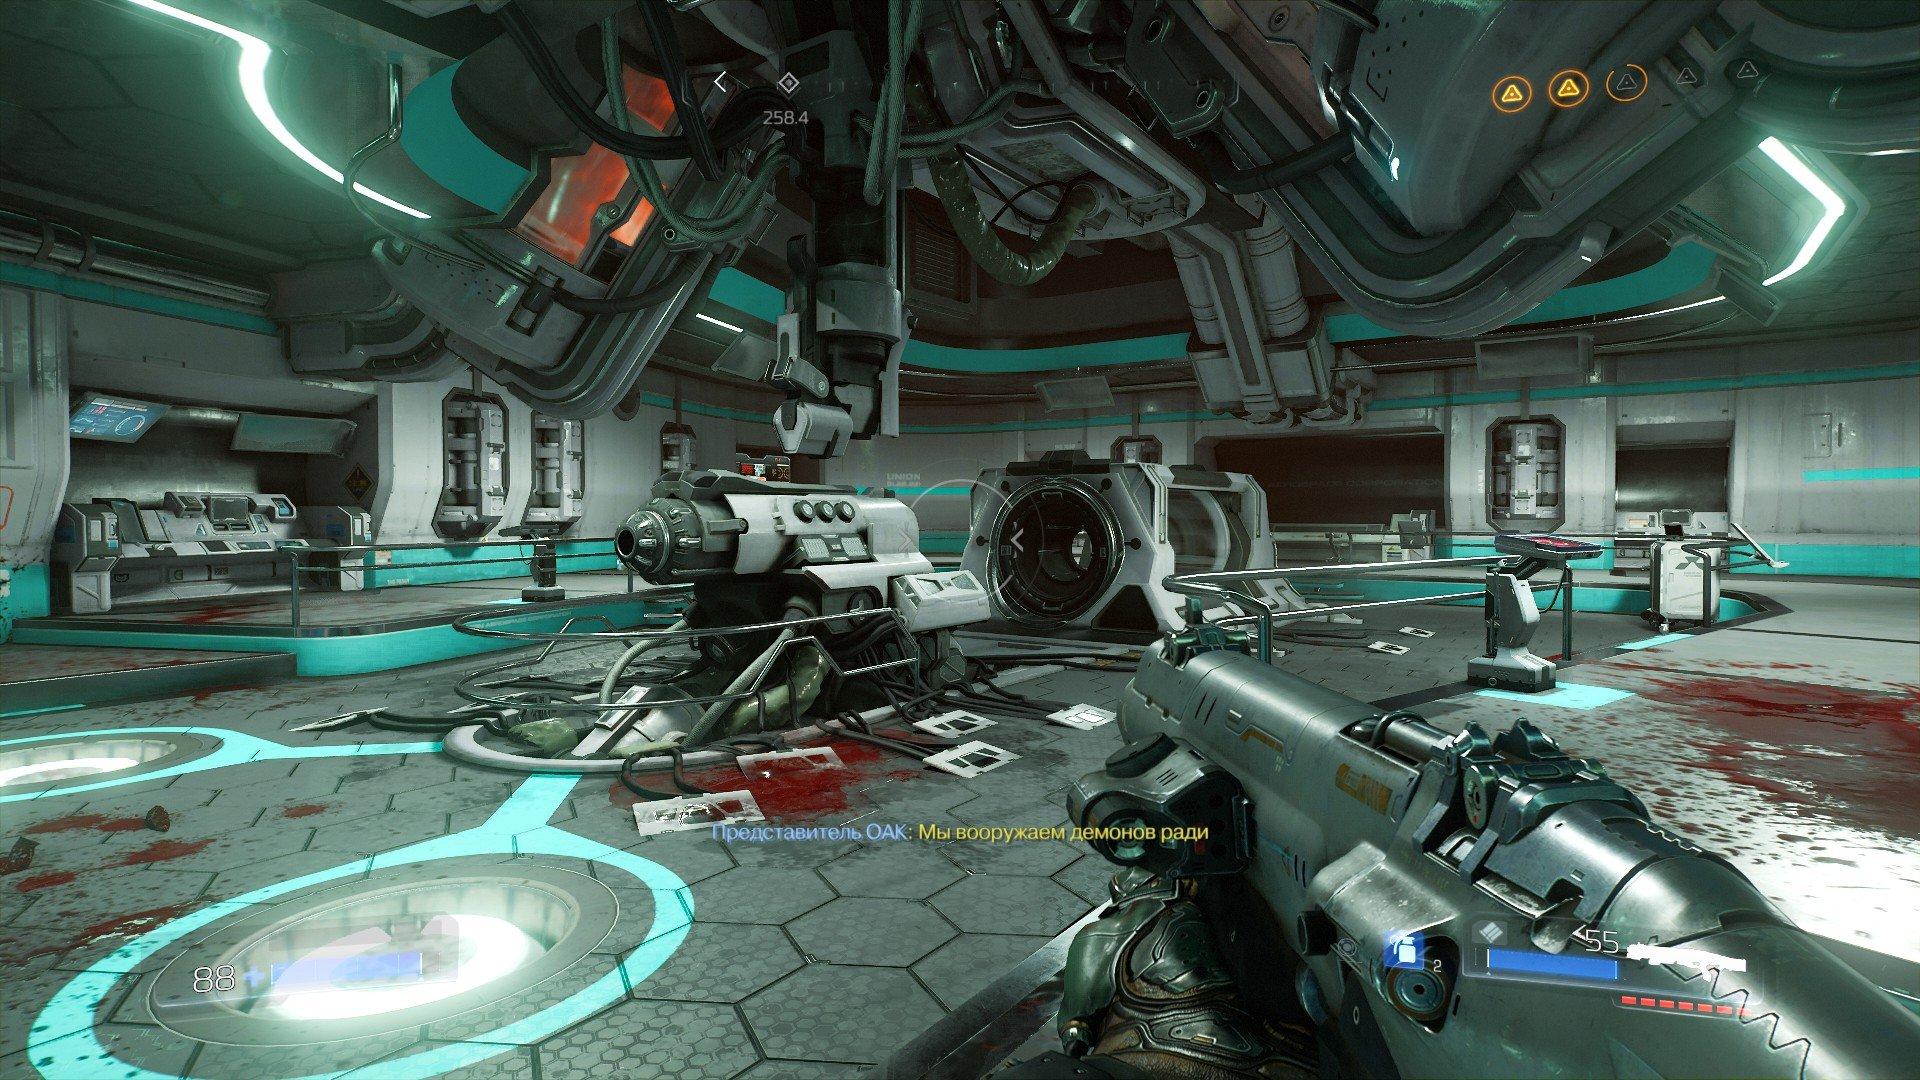 Вопль-прохождение Doom ... Позитивный и развеселый - Изображение 16